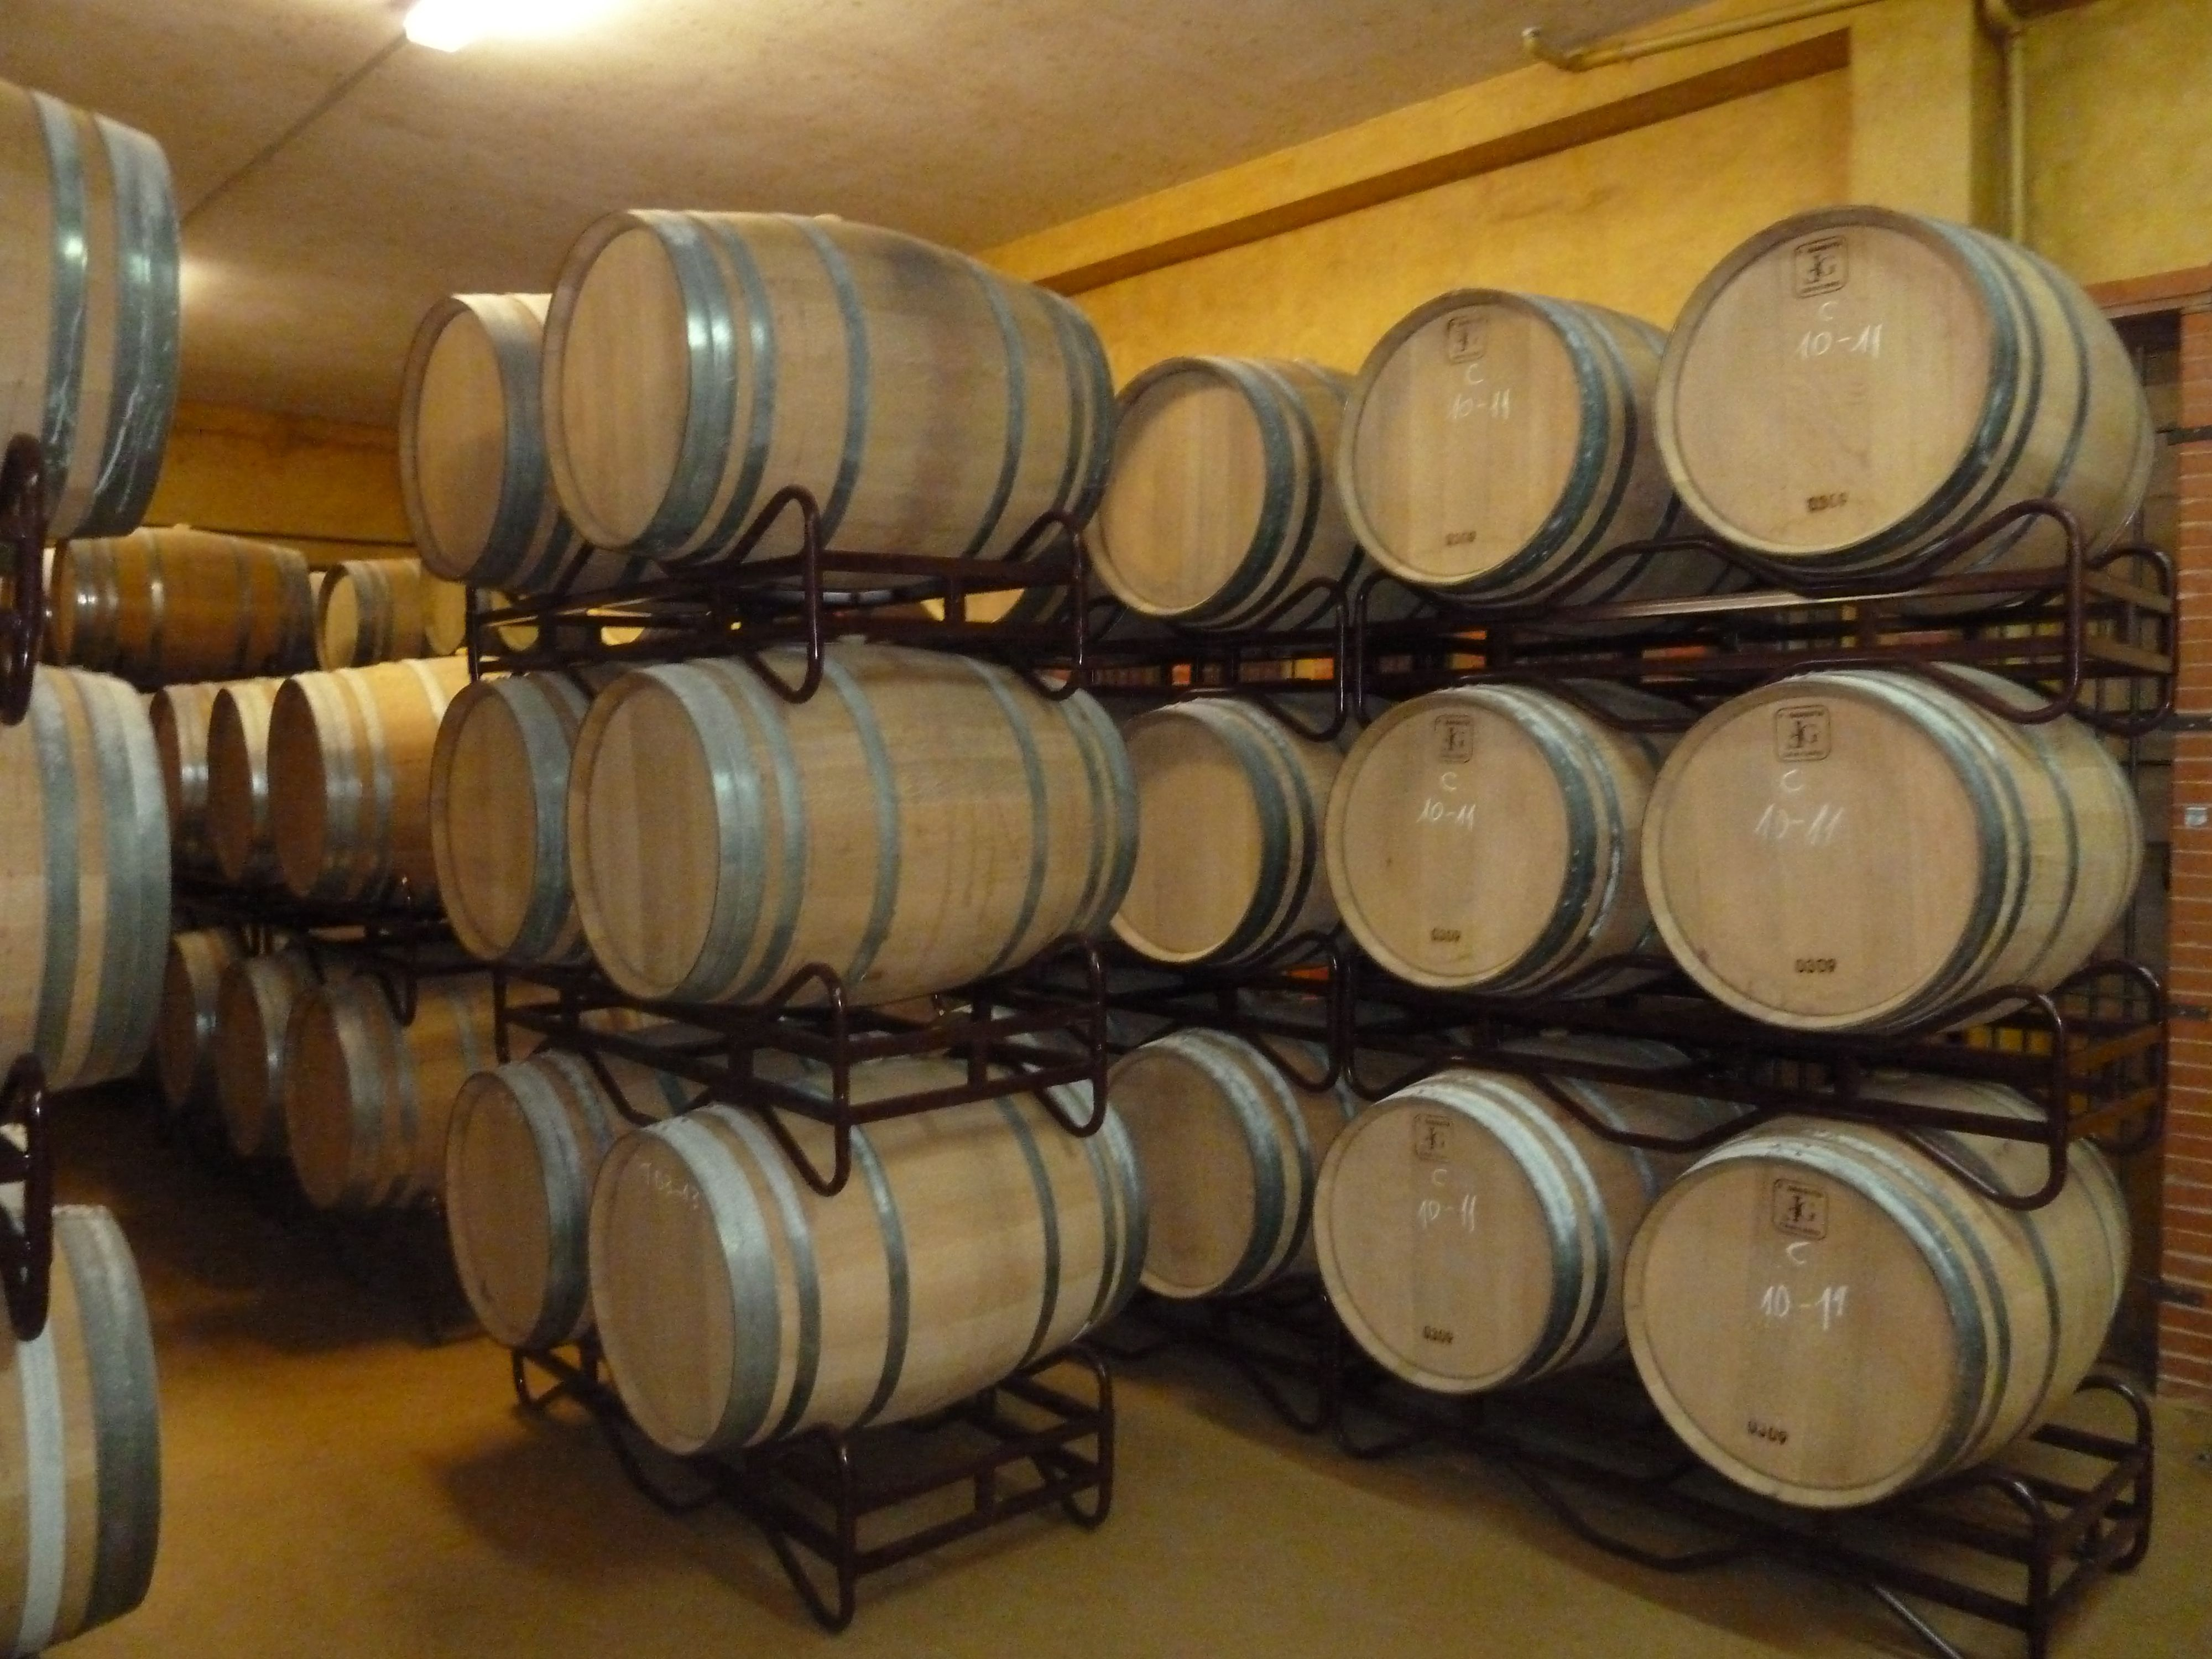 Apfelsortieranlage Bei Familie Prei - Wein Und Obstbau - Pinterest